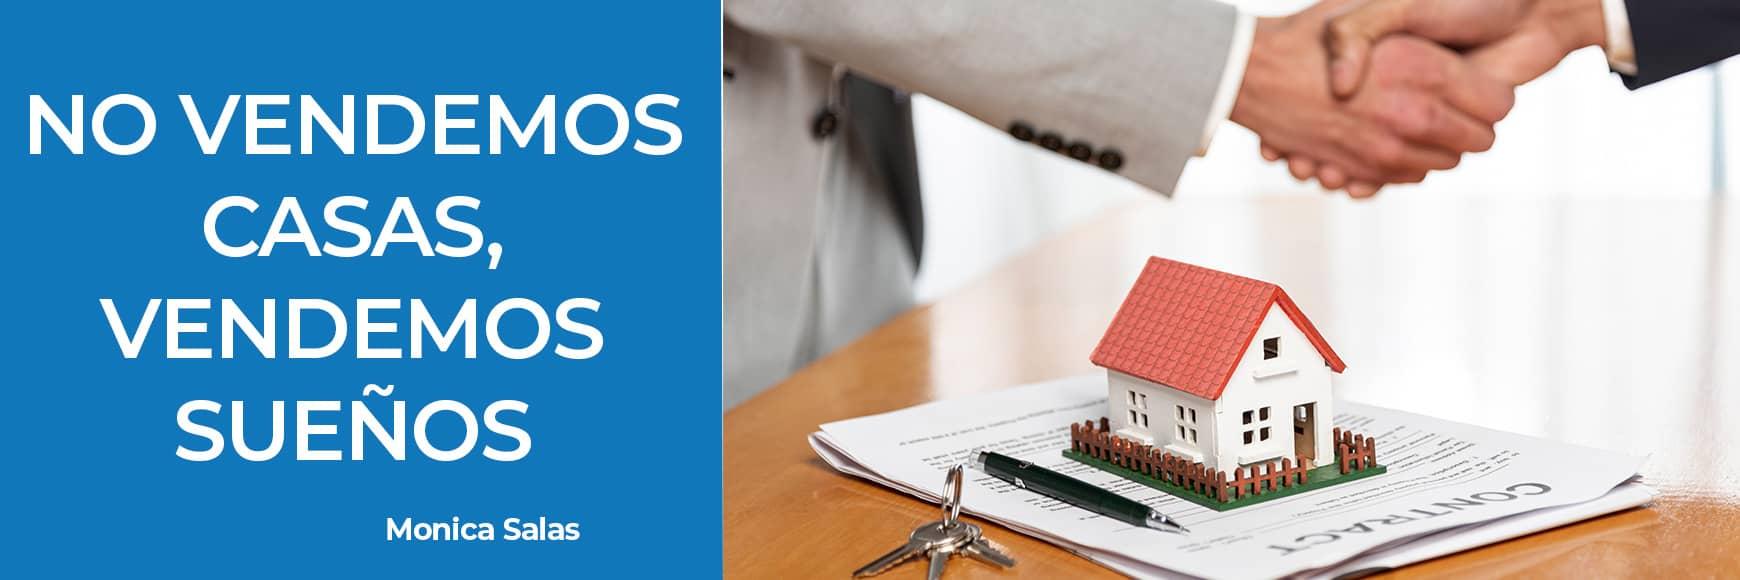 Vender Casa en Orlando Realtor-Agente de Bienes raices